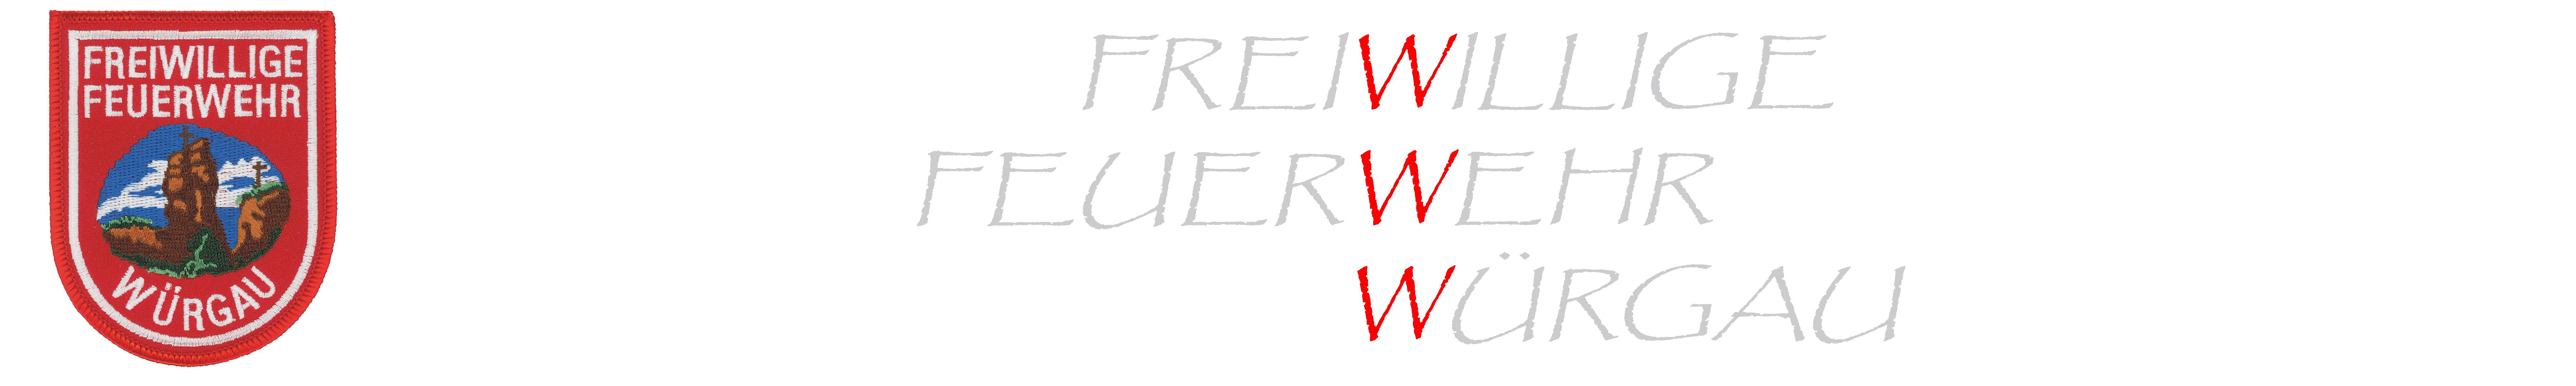 Feuerwehr Würgau